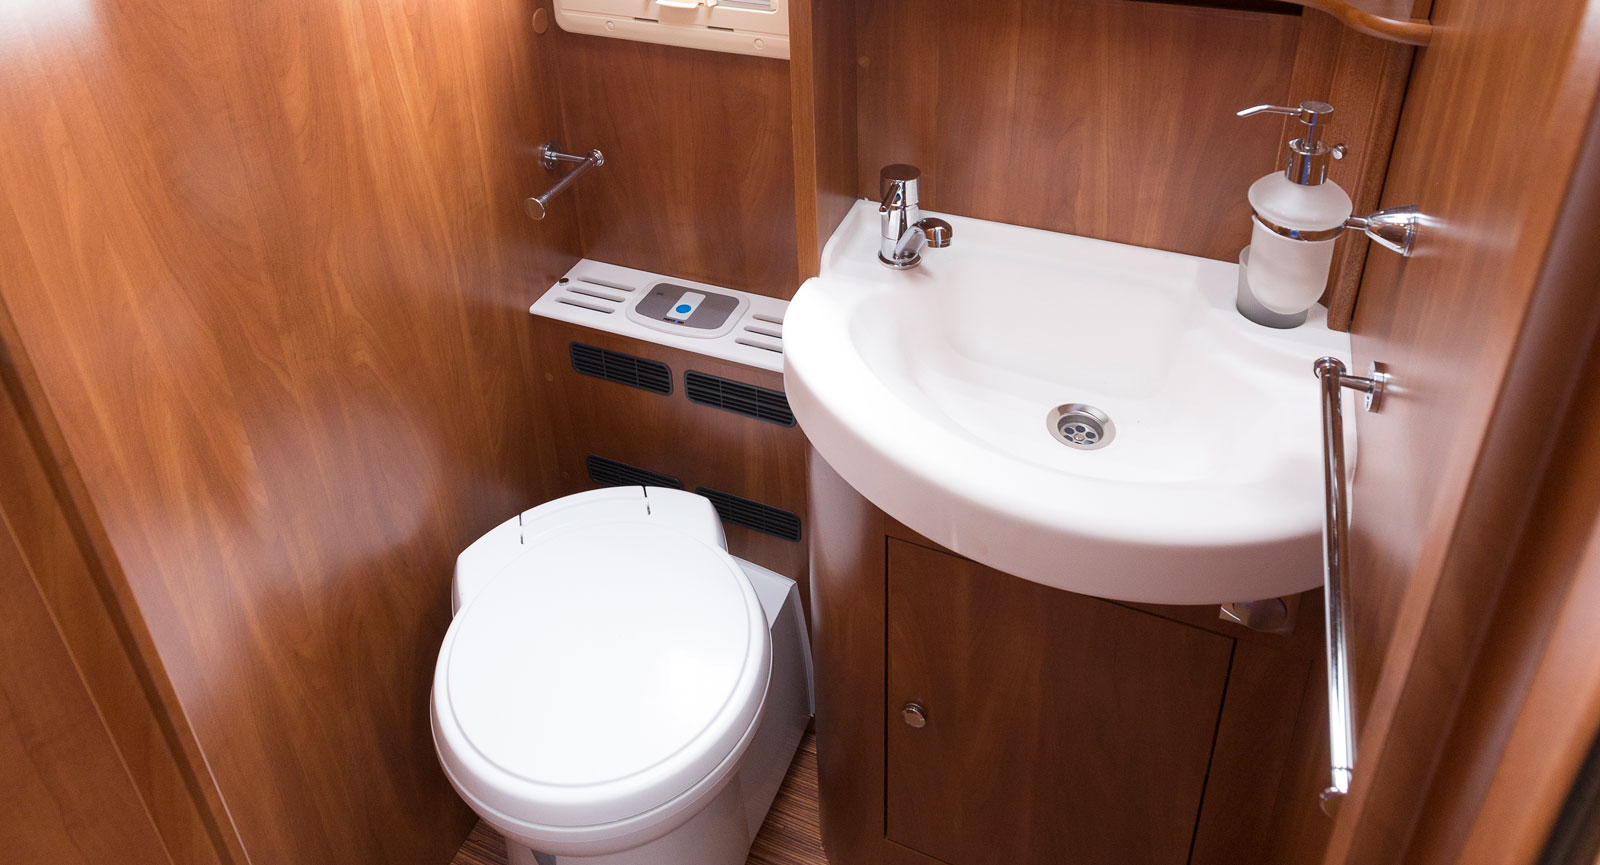 Toaletten är rymlig och elegansen finns även här inne. Inget fattas men placeringen av toappershållaren bakom toan är märklig.